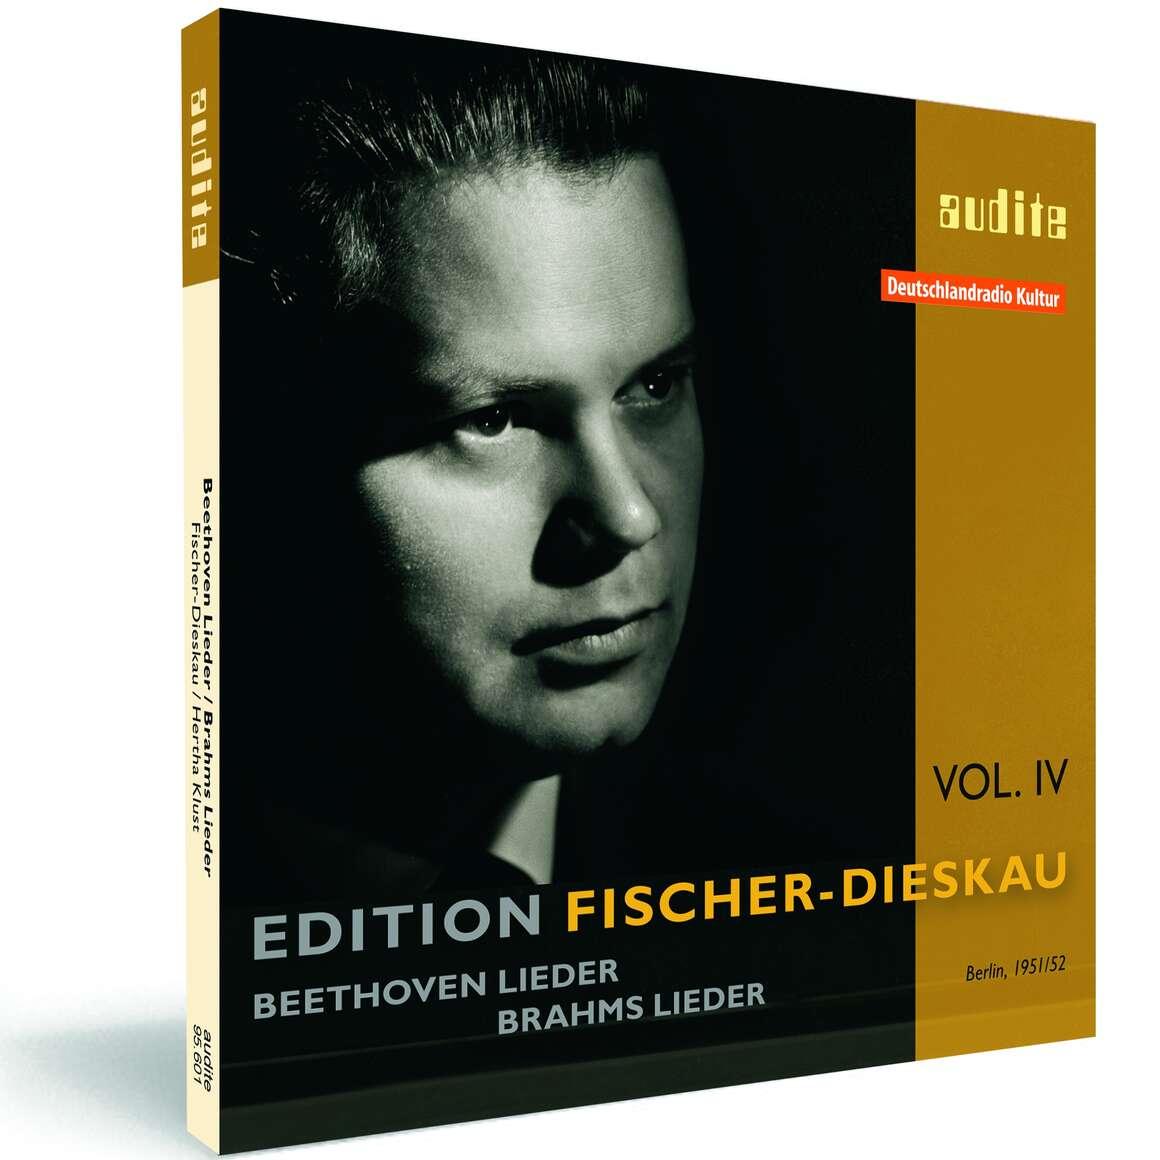 Edition Fischer-Dieskau (IV) – Lieder by Beethoven and Brahms